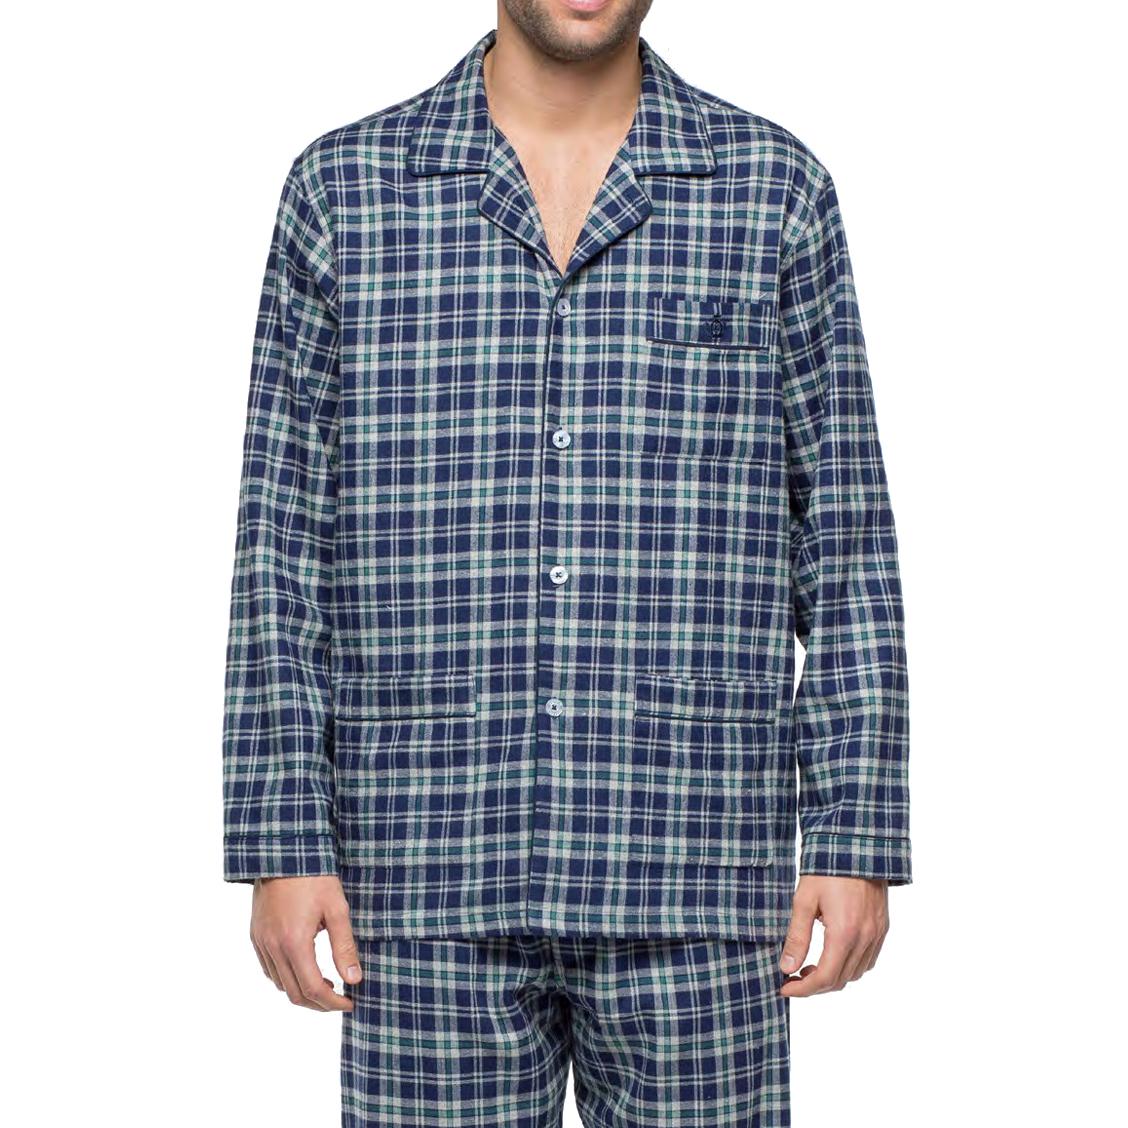 Pyjama long Guasch en flanelle de coton : veste boutonnée et pantalon à carreaux bleu marine, vert et gris